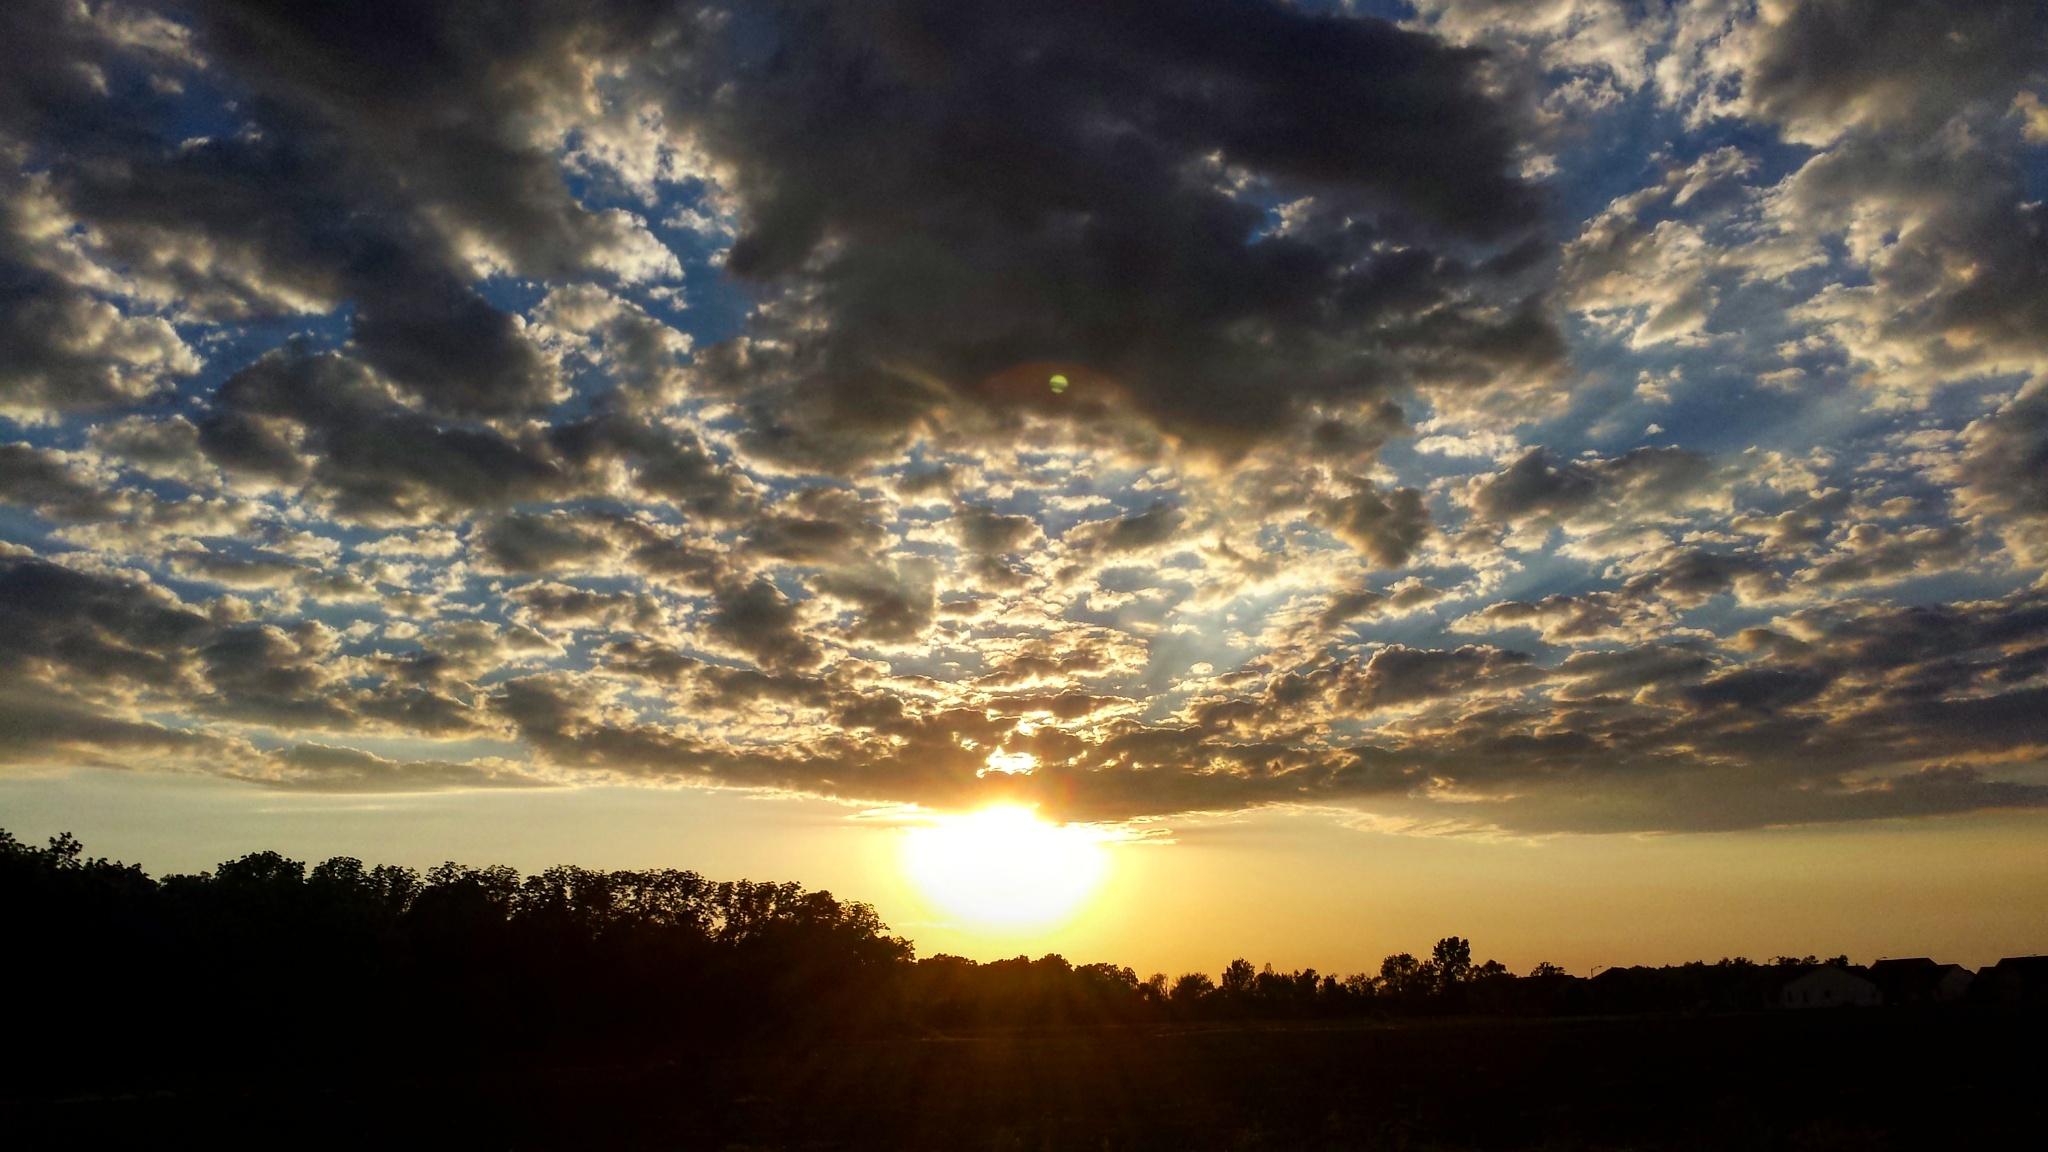 Stormy Sunset by TeresaMercer